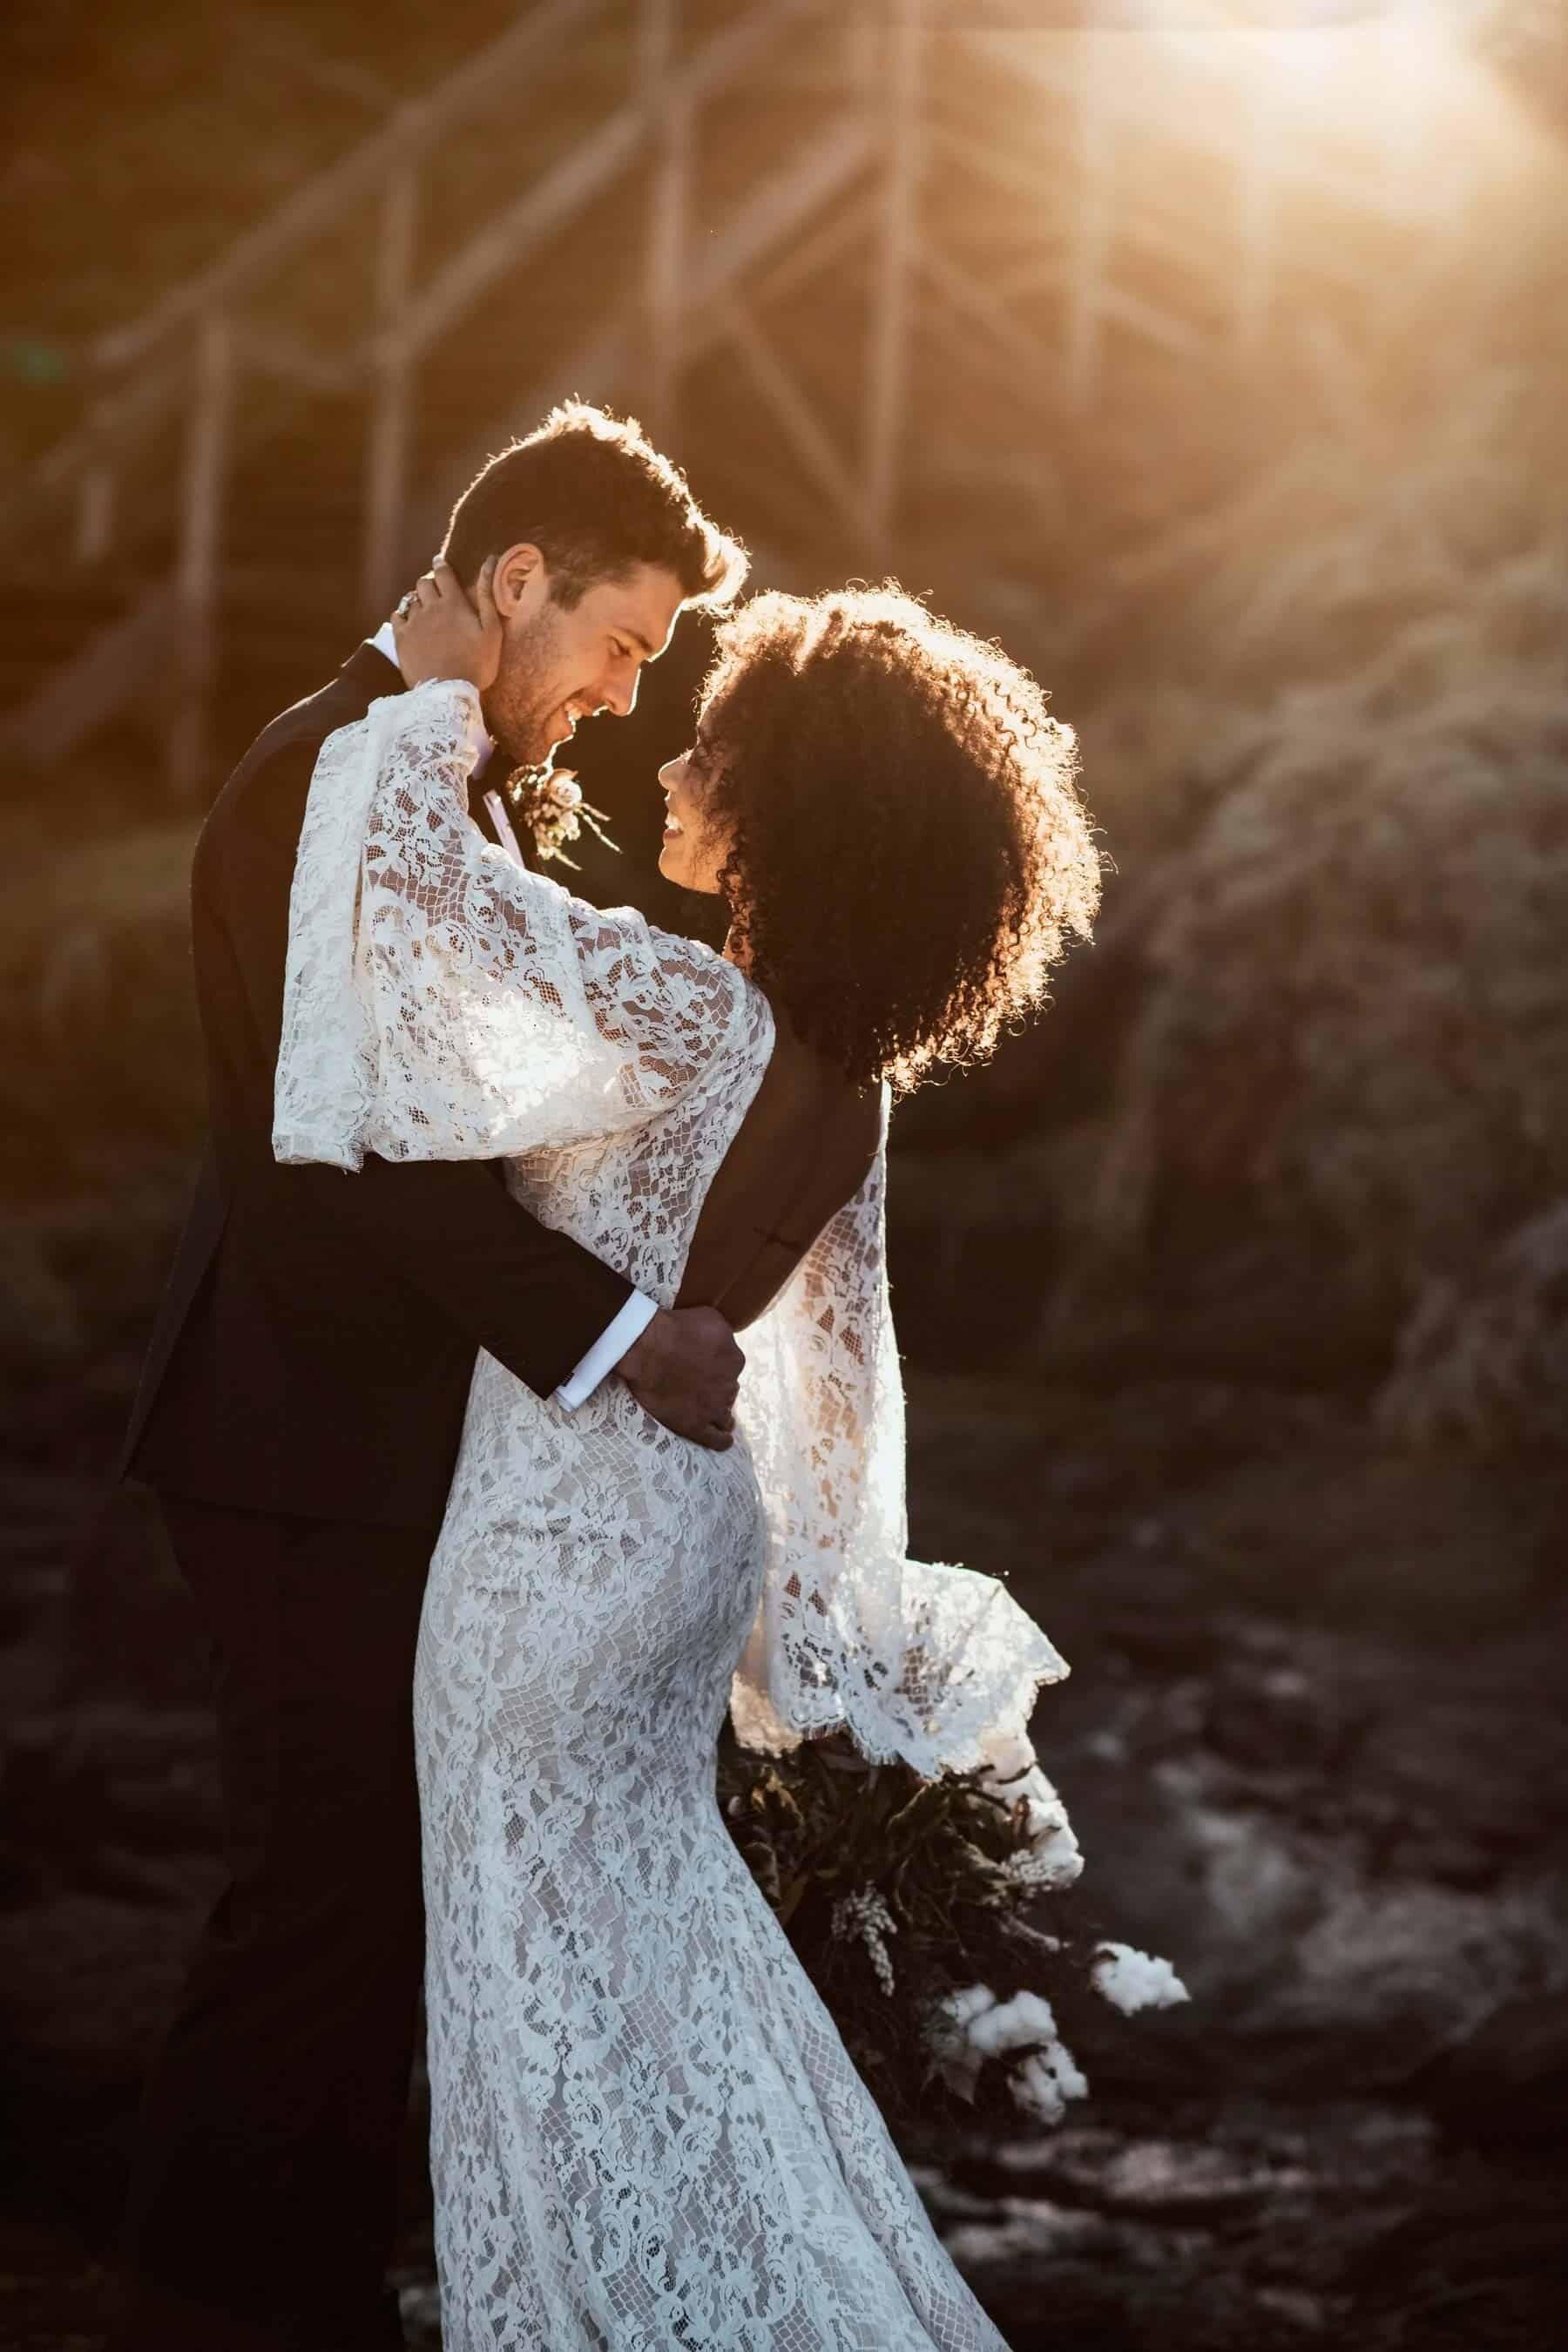 boho bride in lace bell sleeve wedding dress